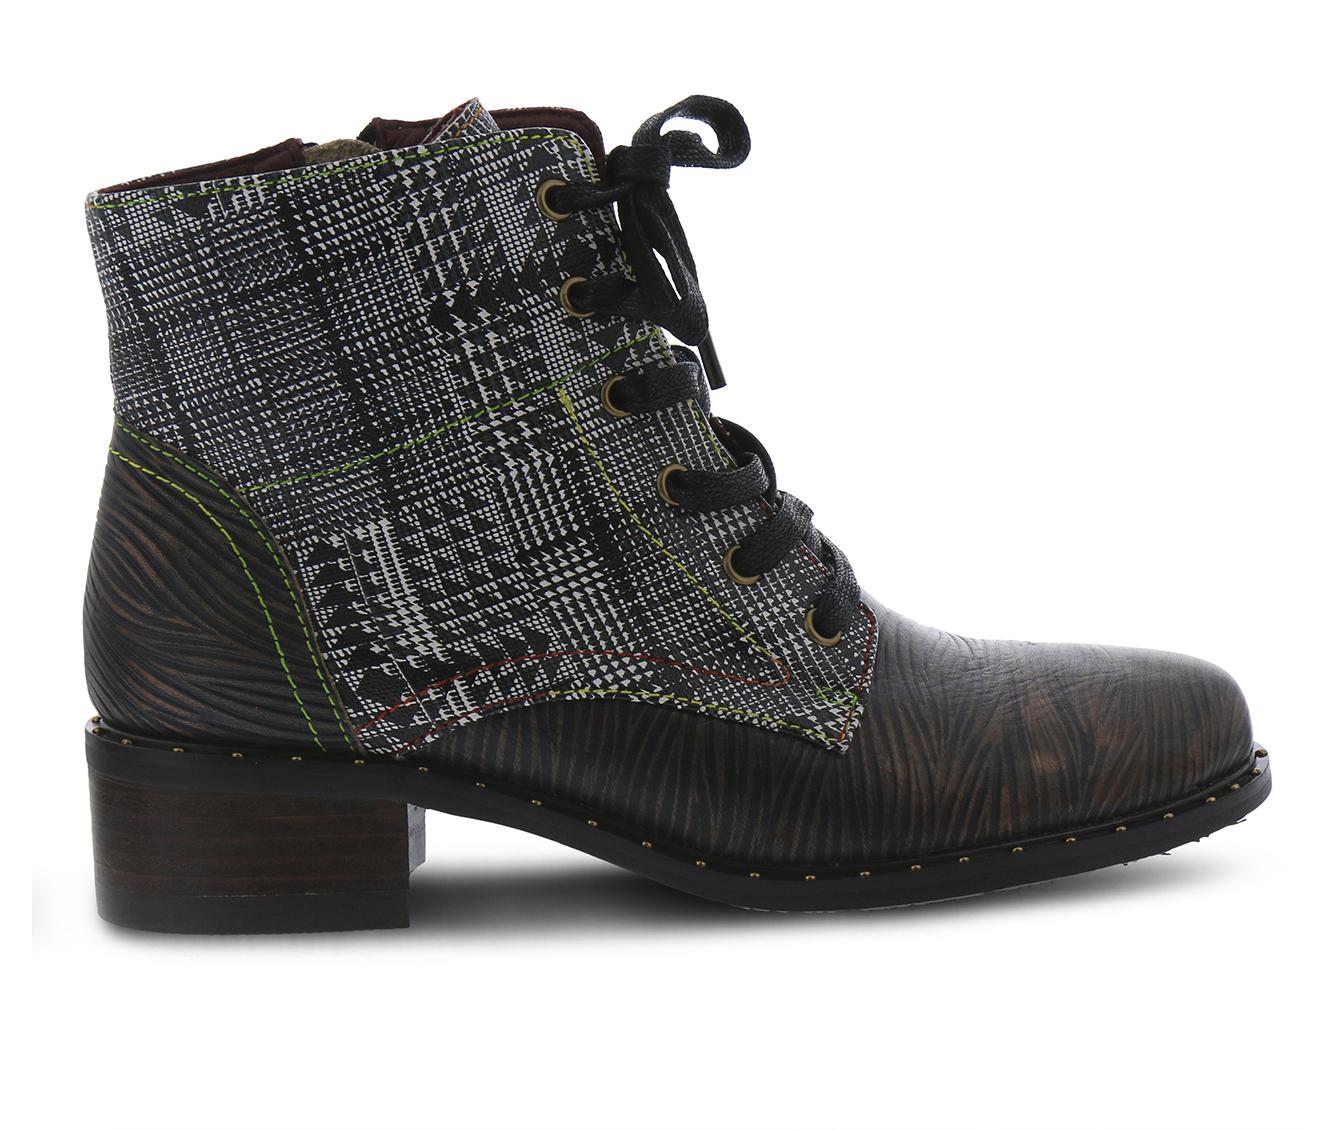 L'Artiste Mazoya Women's Boots (Black Leather)